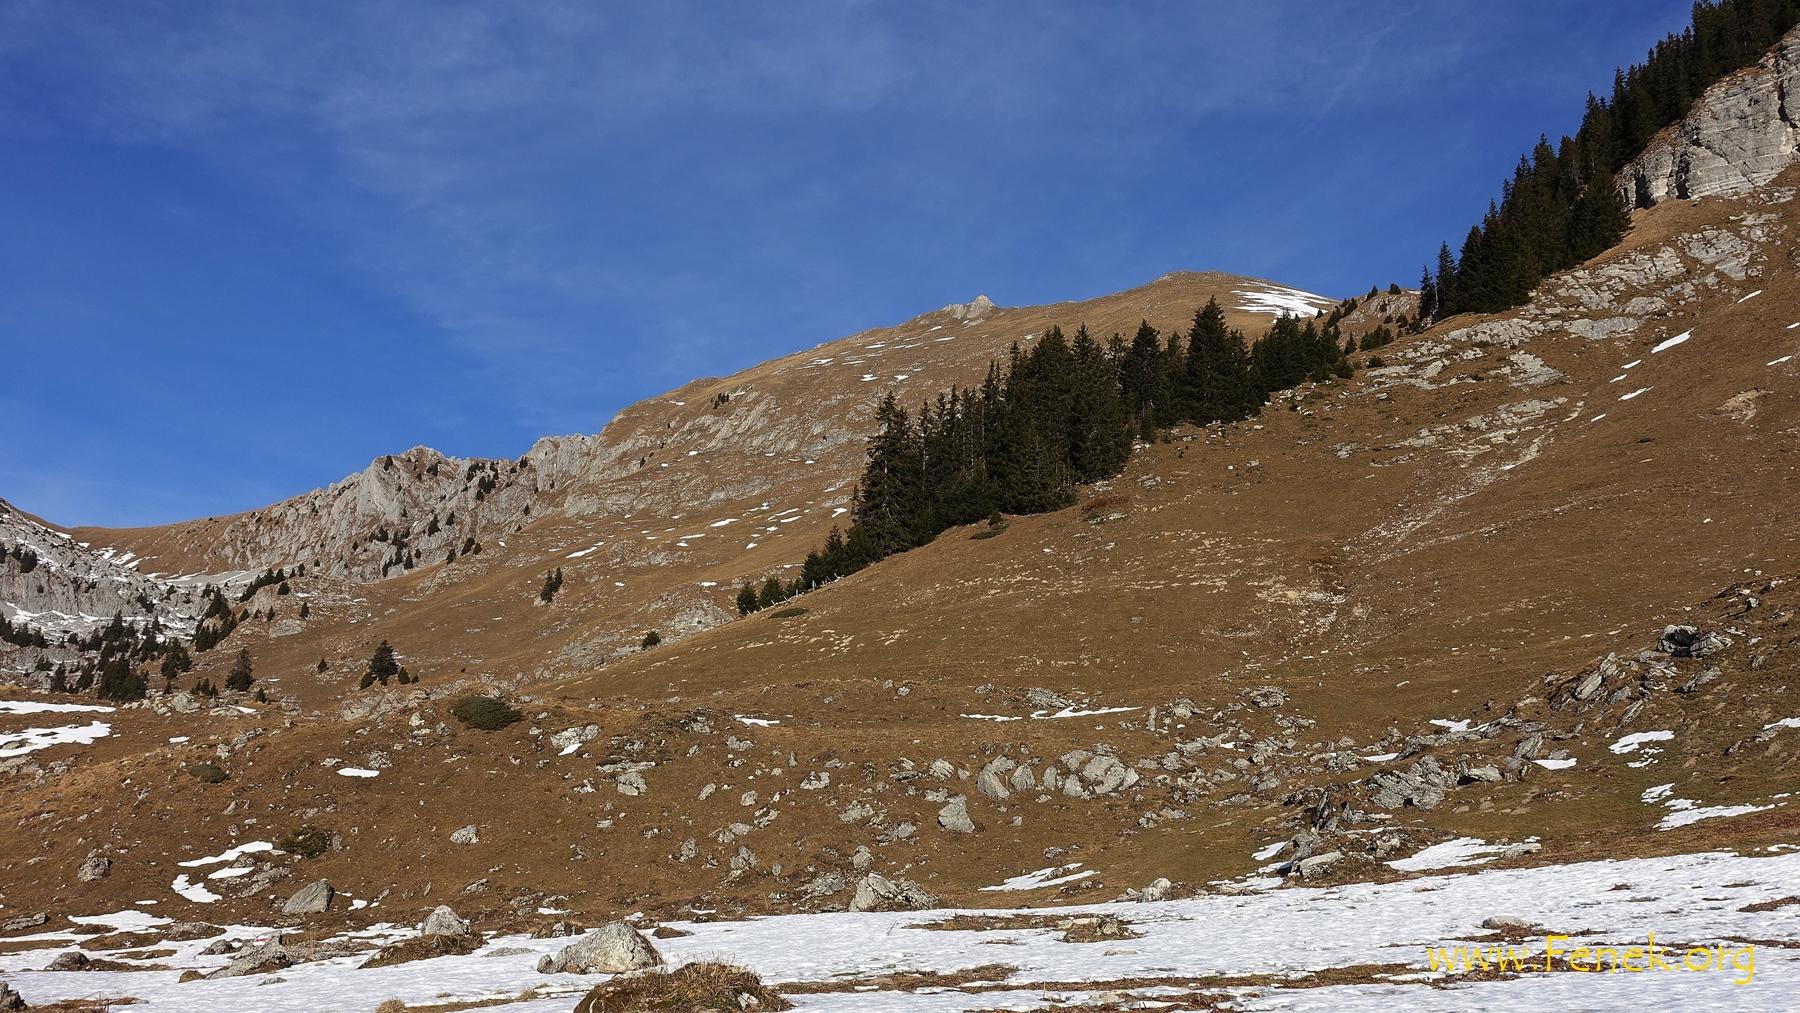 in der Bildmitte beim Felsen ist der Stierengrat Gipfel